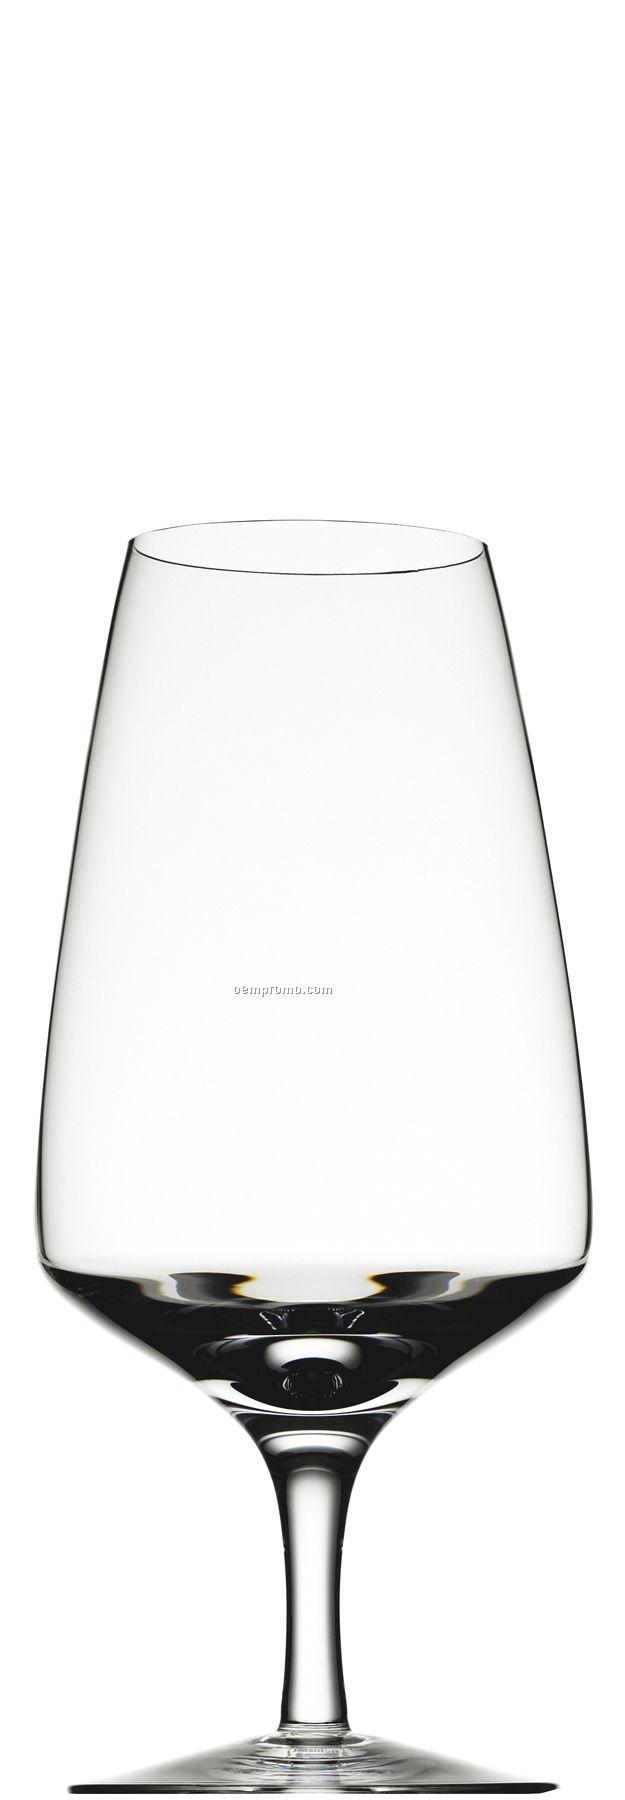 Jazz Me Crystal Iced Beverage Glass W/ Symmetrical Bowl & Stem